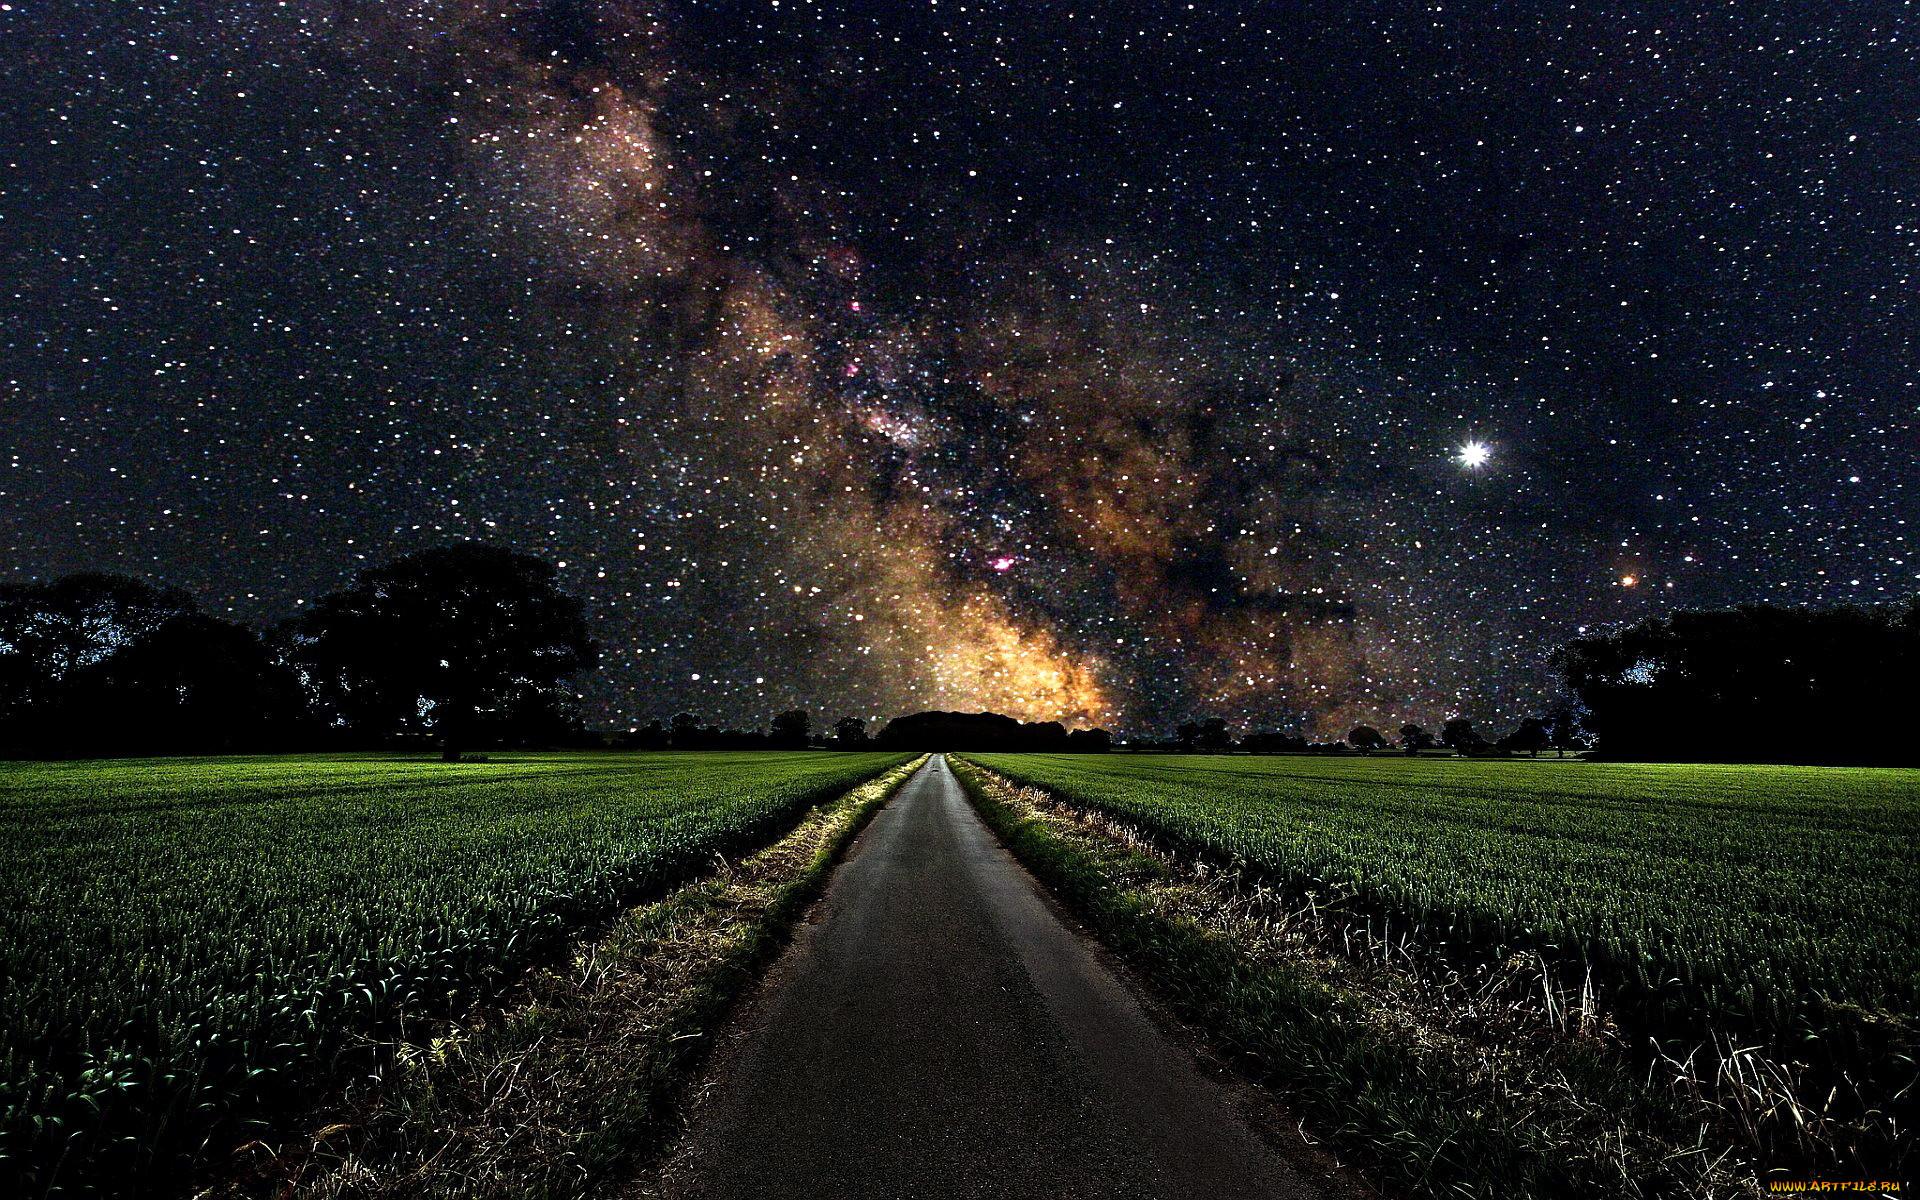 звездное небо демотиваторы хорошая фотография зависит